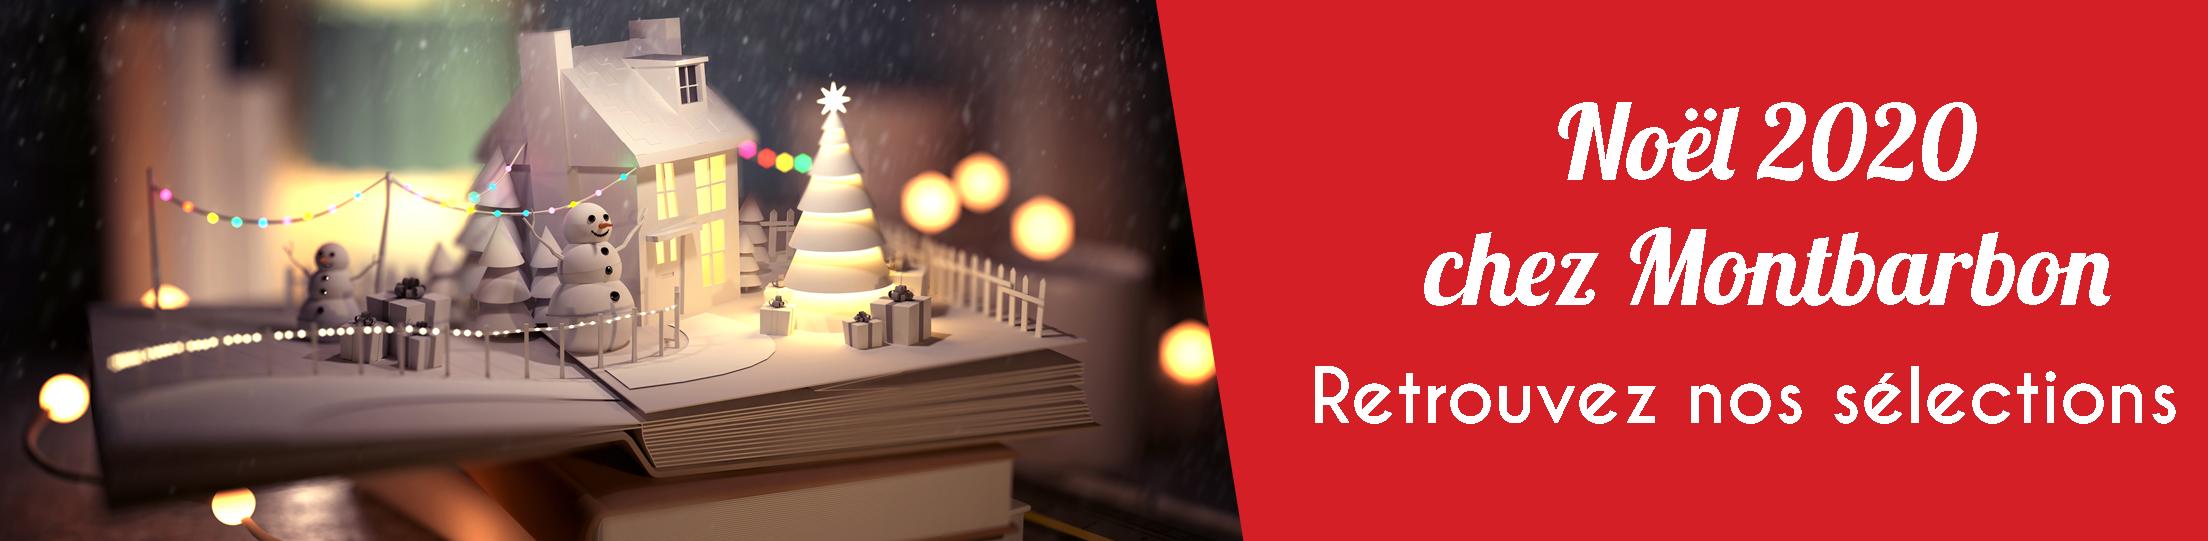 Noël 2020 chez Montbarbon : retrouvez nos sélections de romans, BD, mangas, essais, livres d'art, de cuisine...